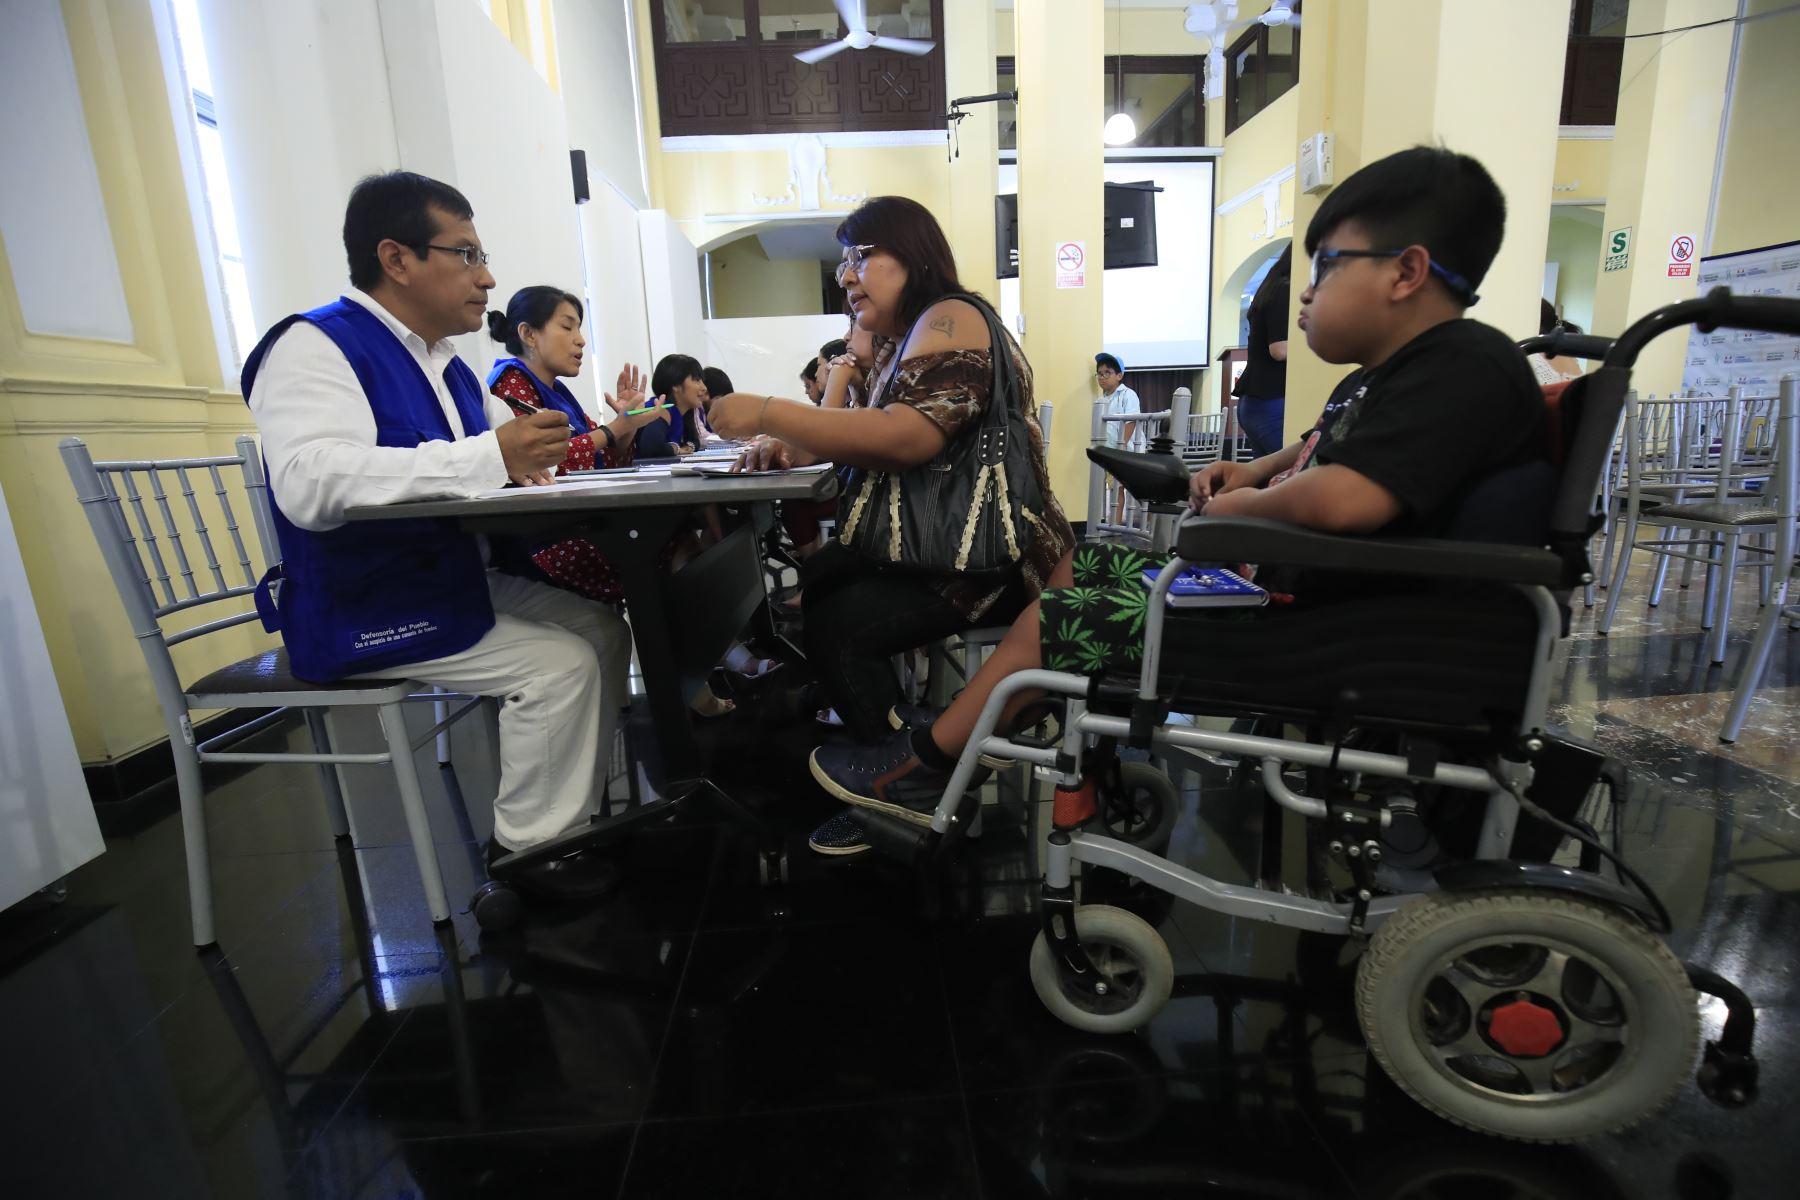 Defensoría del Pueblo recibe quejas de padres de escolares con discapacidad. FotoANDINA/Juan Carlos Guzmán